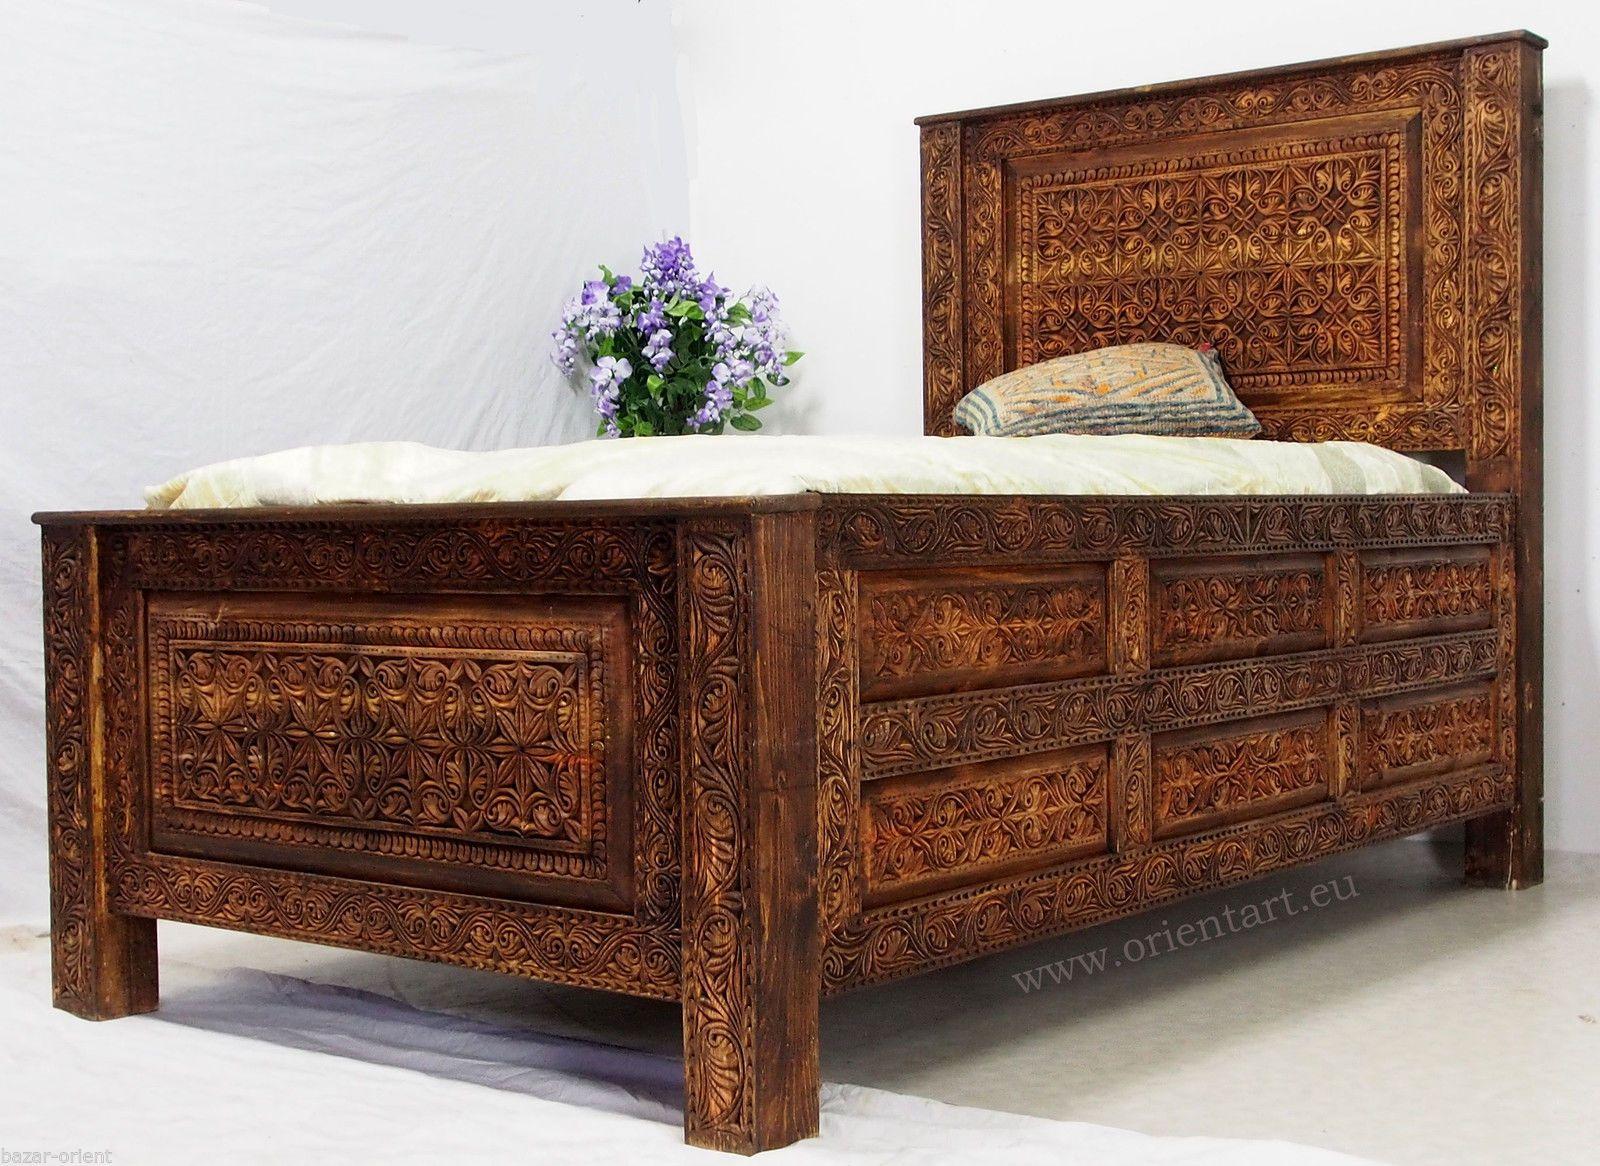 Betten Kolonialstil 200x120 cm antik look massivhloz bett kolonialstil mit geheimfach